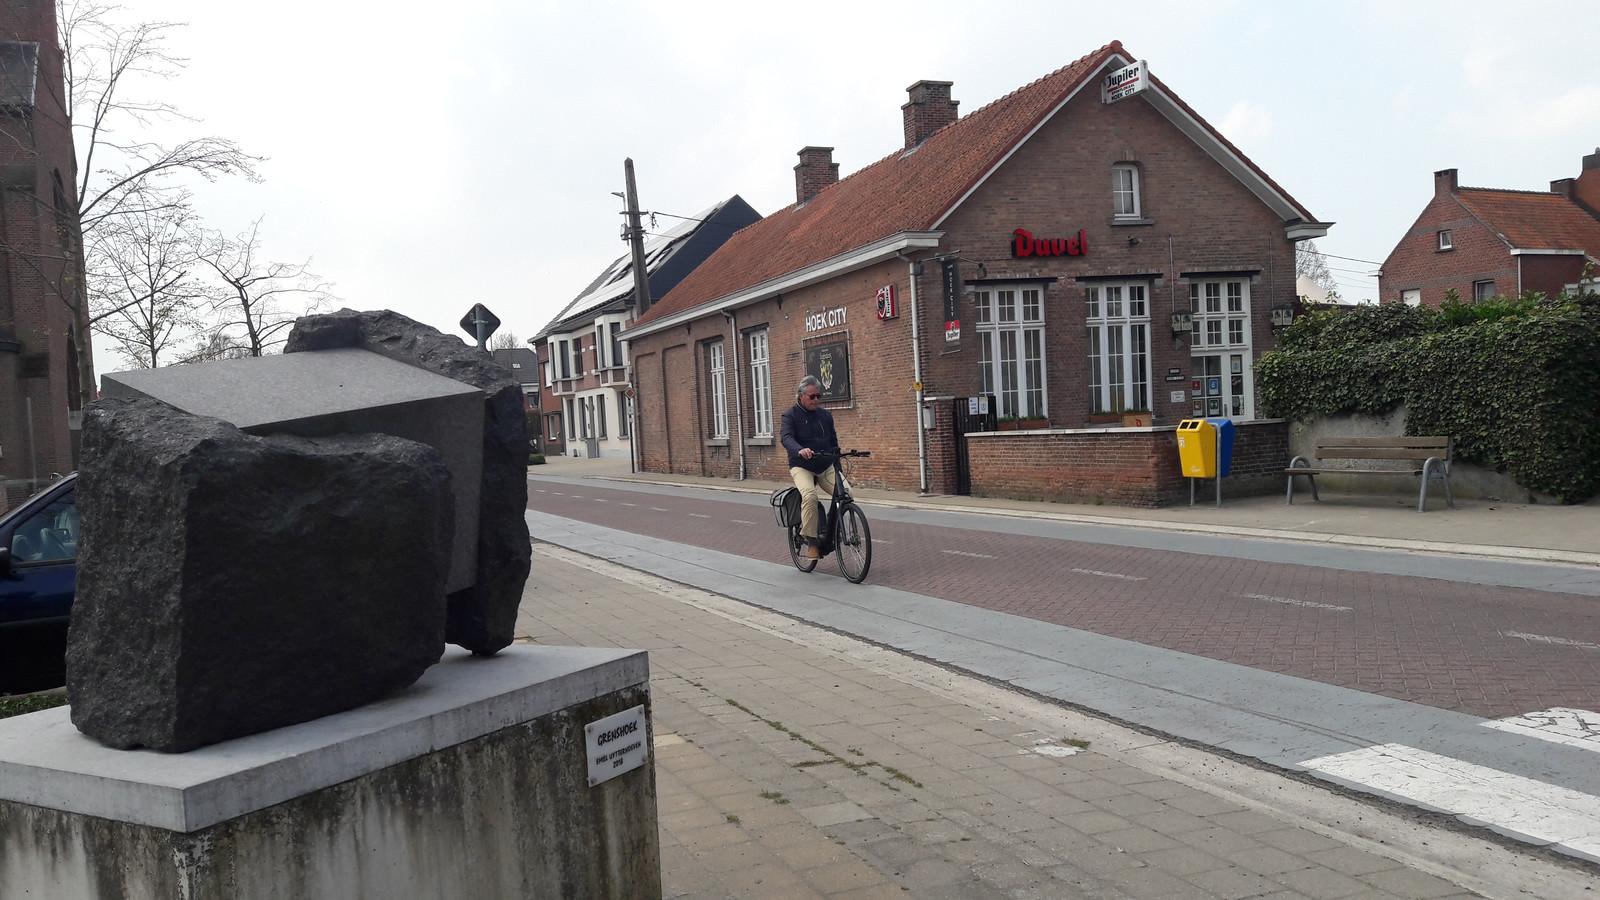 Vanaf het café tegenover de kerk in Essen-Hoek kunnen fietsers (verder België in, maar niet tot de grens bij Huijbergen) gebruik maken van de in het grijs aangegeven paden in beide rijrichtingen, visueel afwijkend van de autorijbanen. Op dit kruispunt kunnen fietsers ook de afslag richting Kalmthoutse Heide nemen.